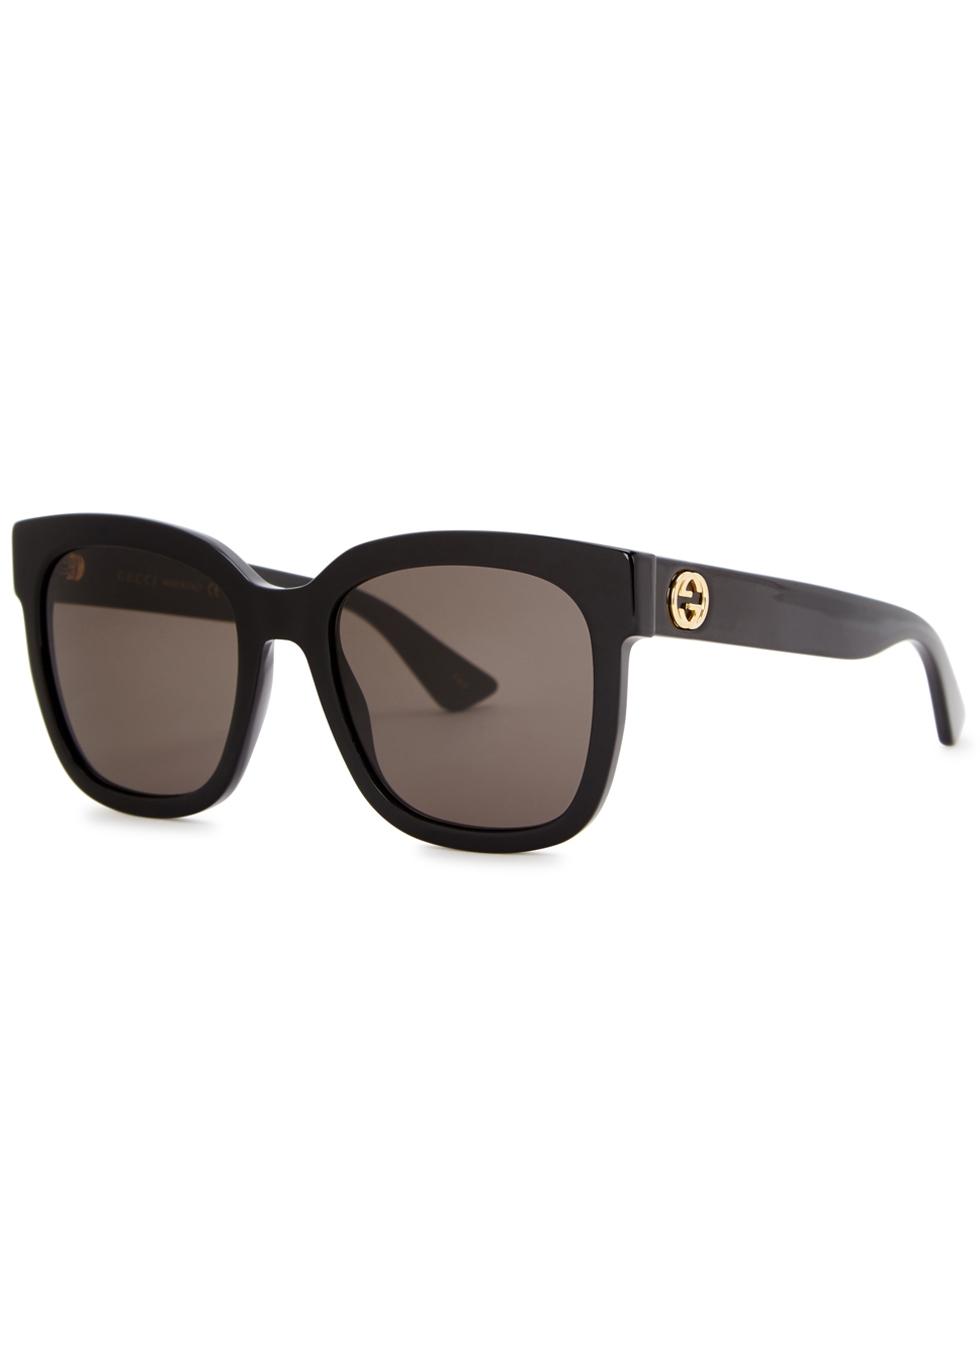 Black oversized sunglasses - Gucci